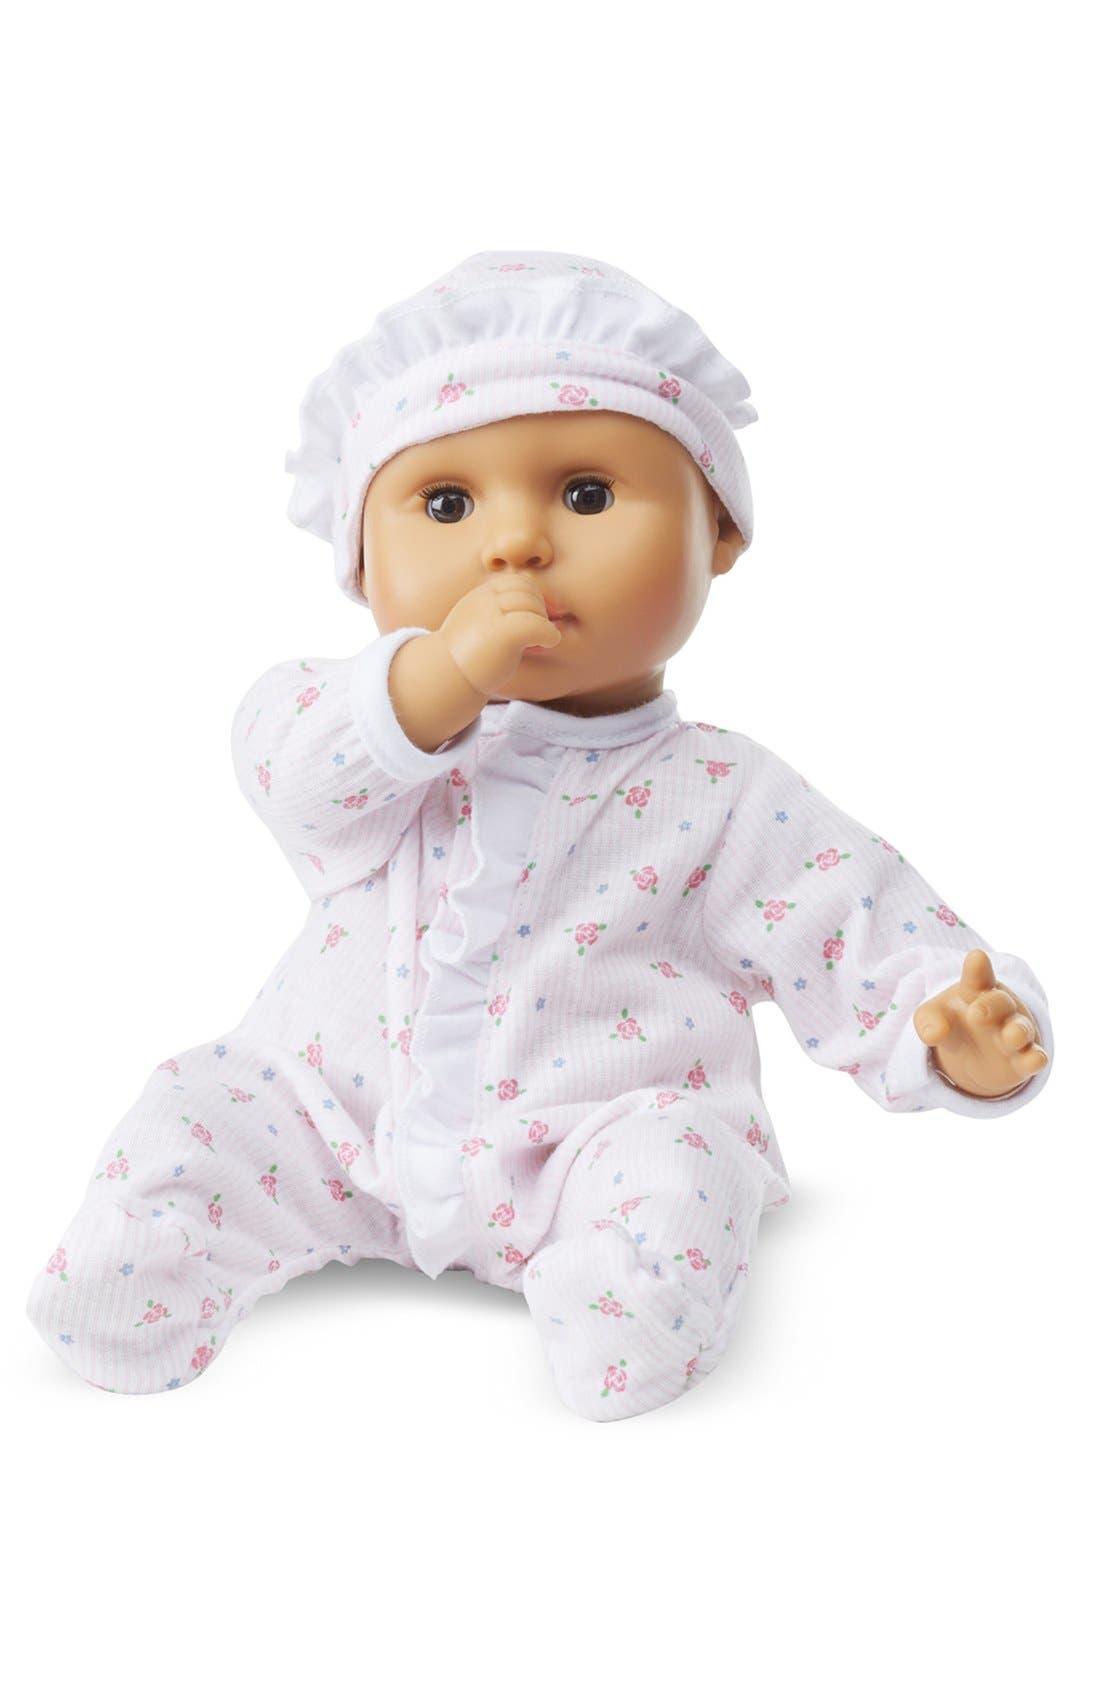 Melissa & Doug 'Mine to Love - Mariana' Baby Doll